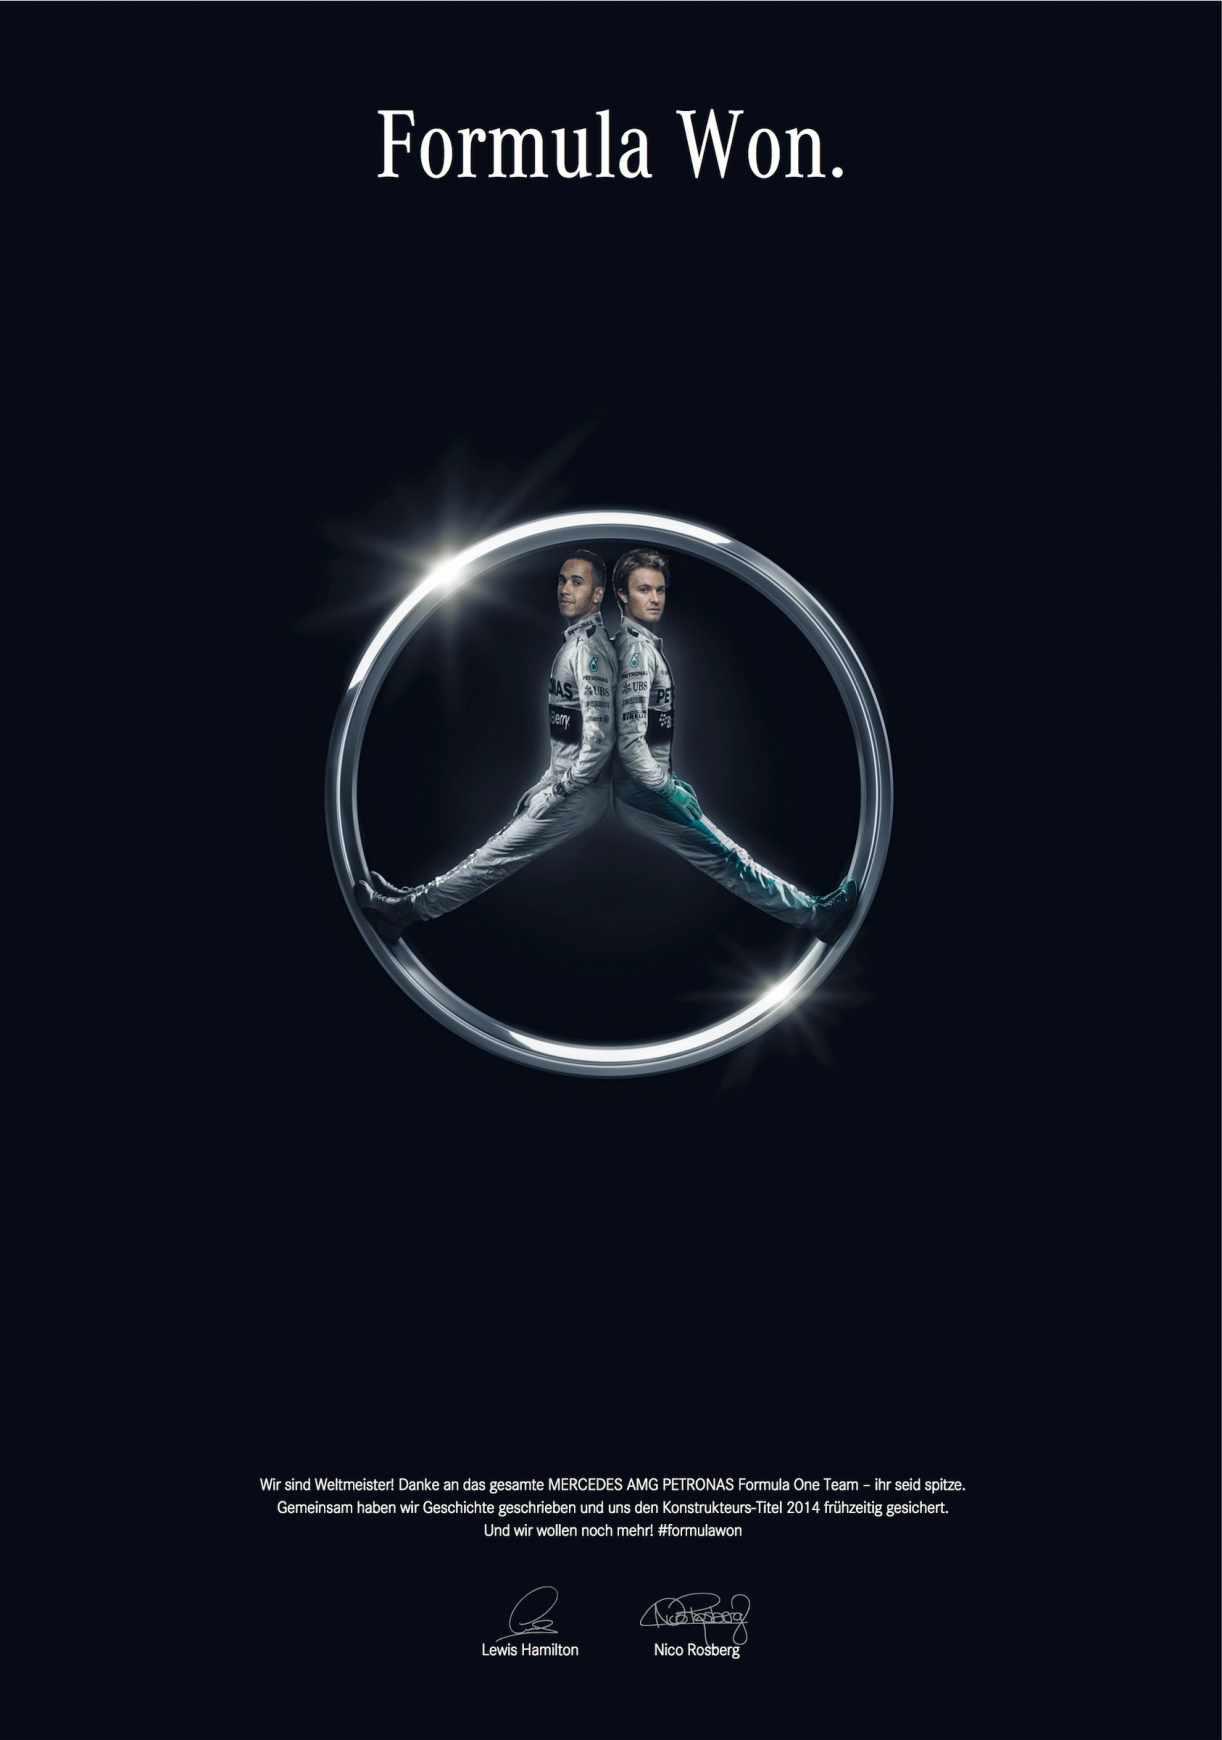 Mercedes-Benz: Fórmula ganadora.